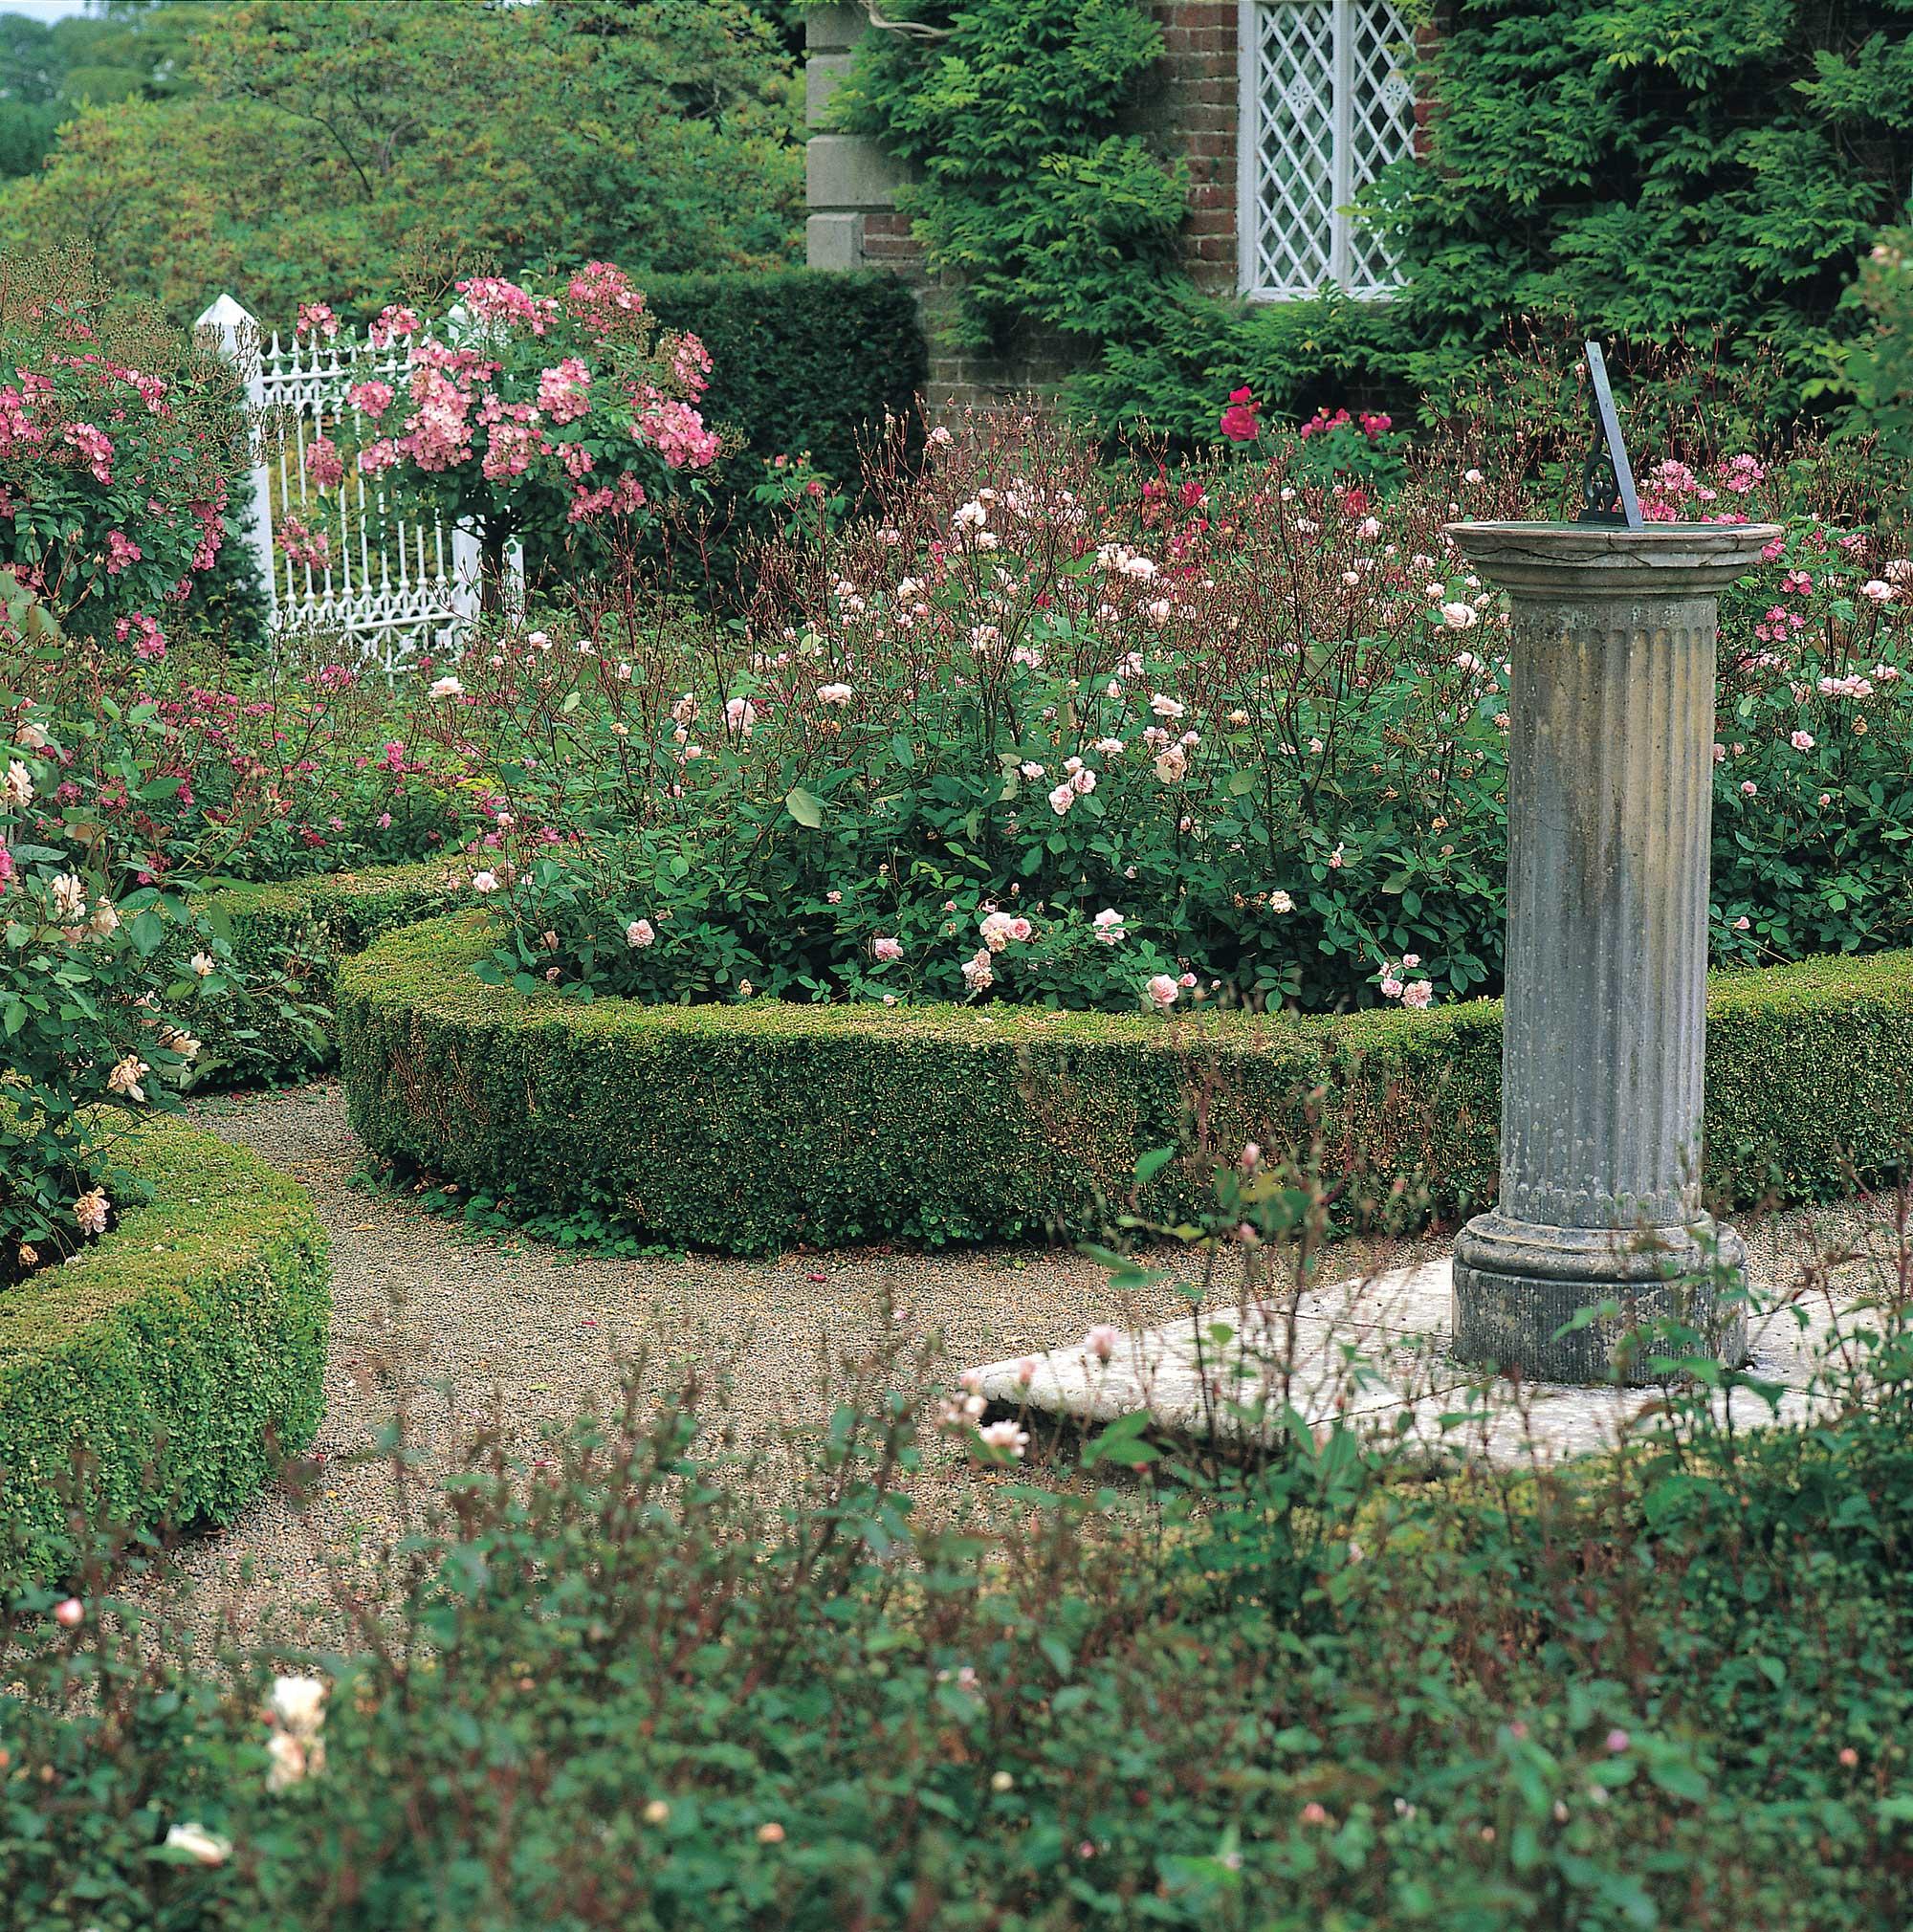 The Argory Gardens